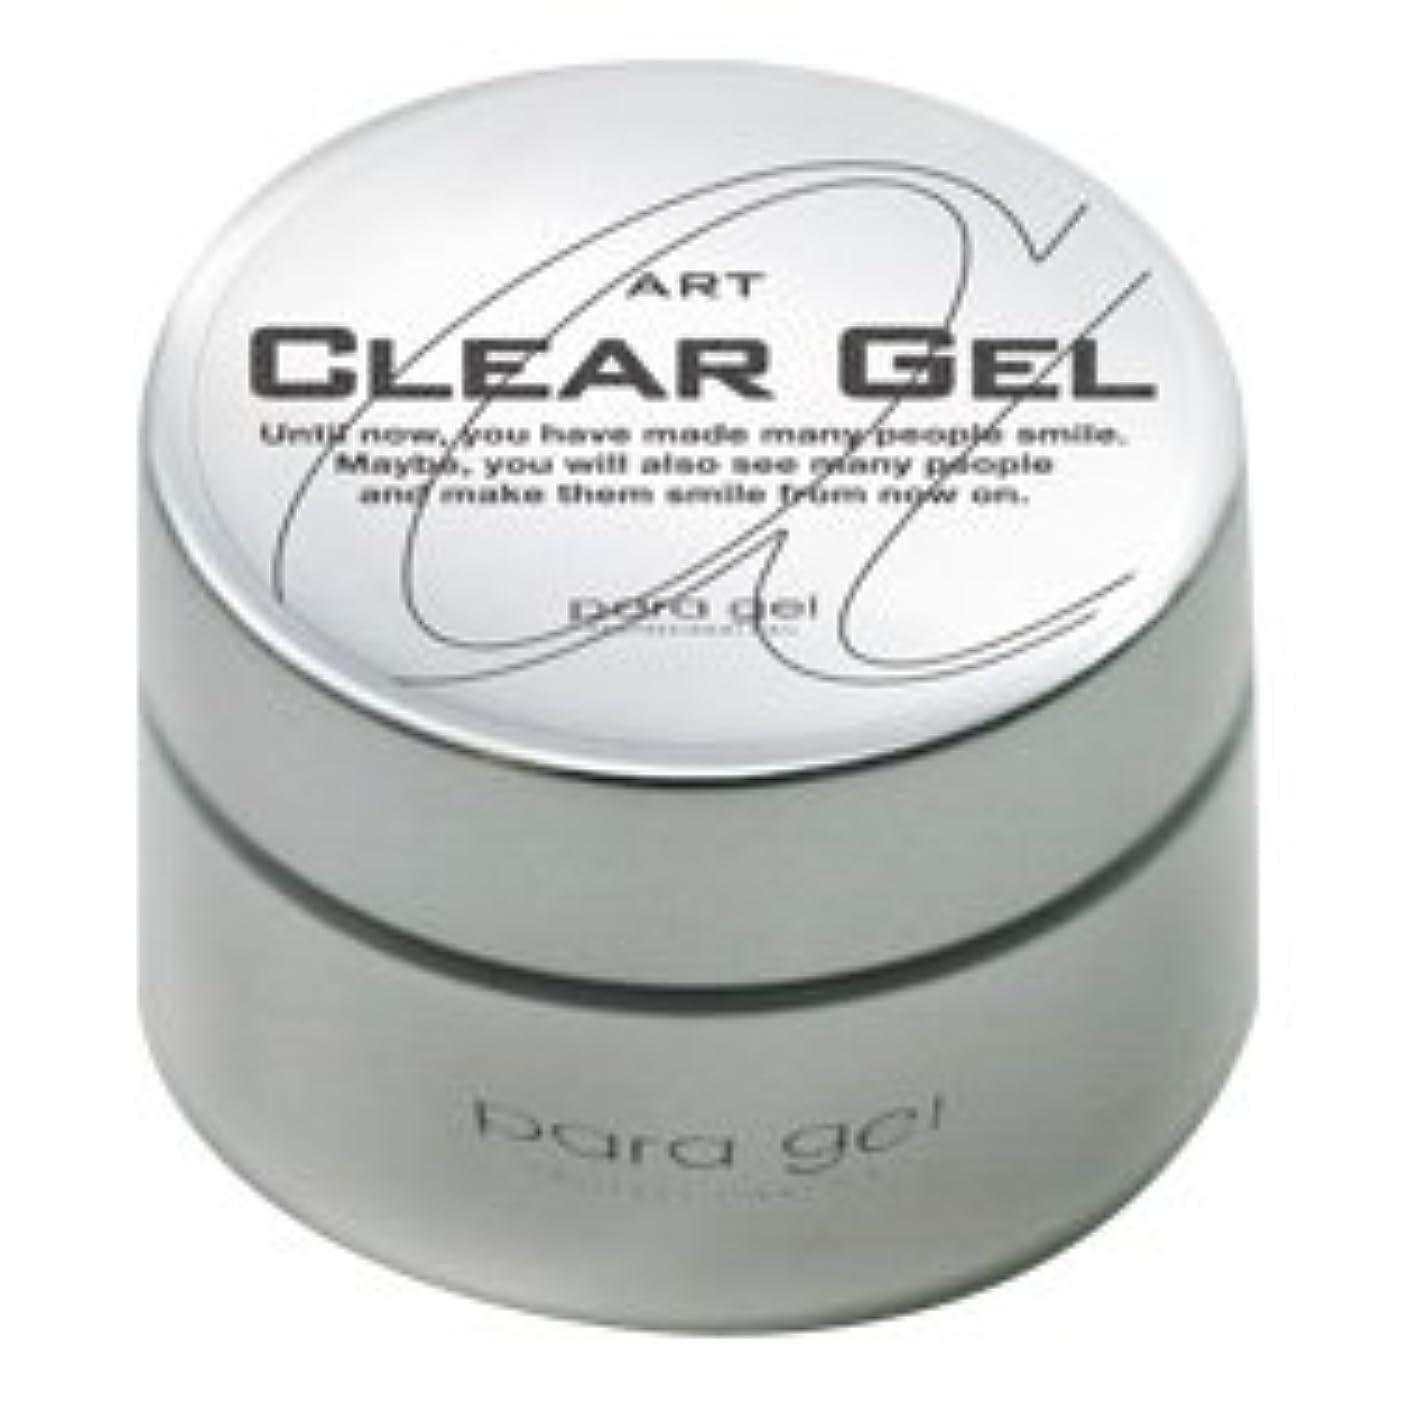 凍るリム運営★para gel(パラジェル) <BR>アートクリアジェル 10g